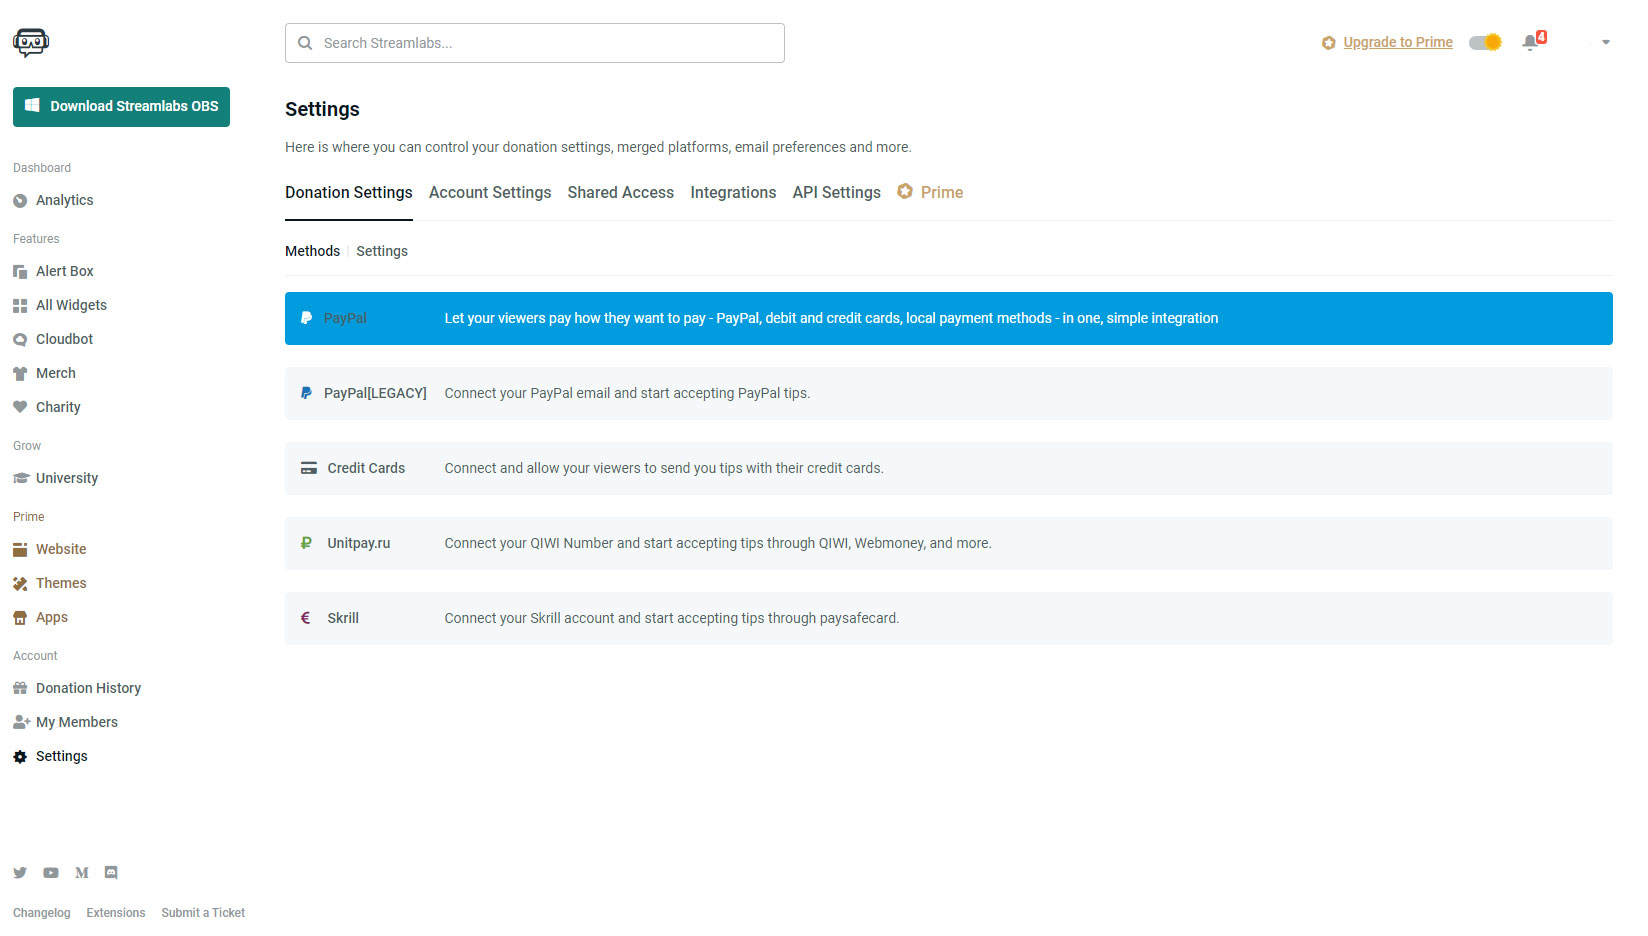 Streamlabs Donation Settings kifizetés beállításai